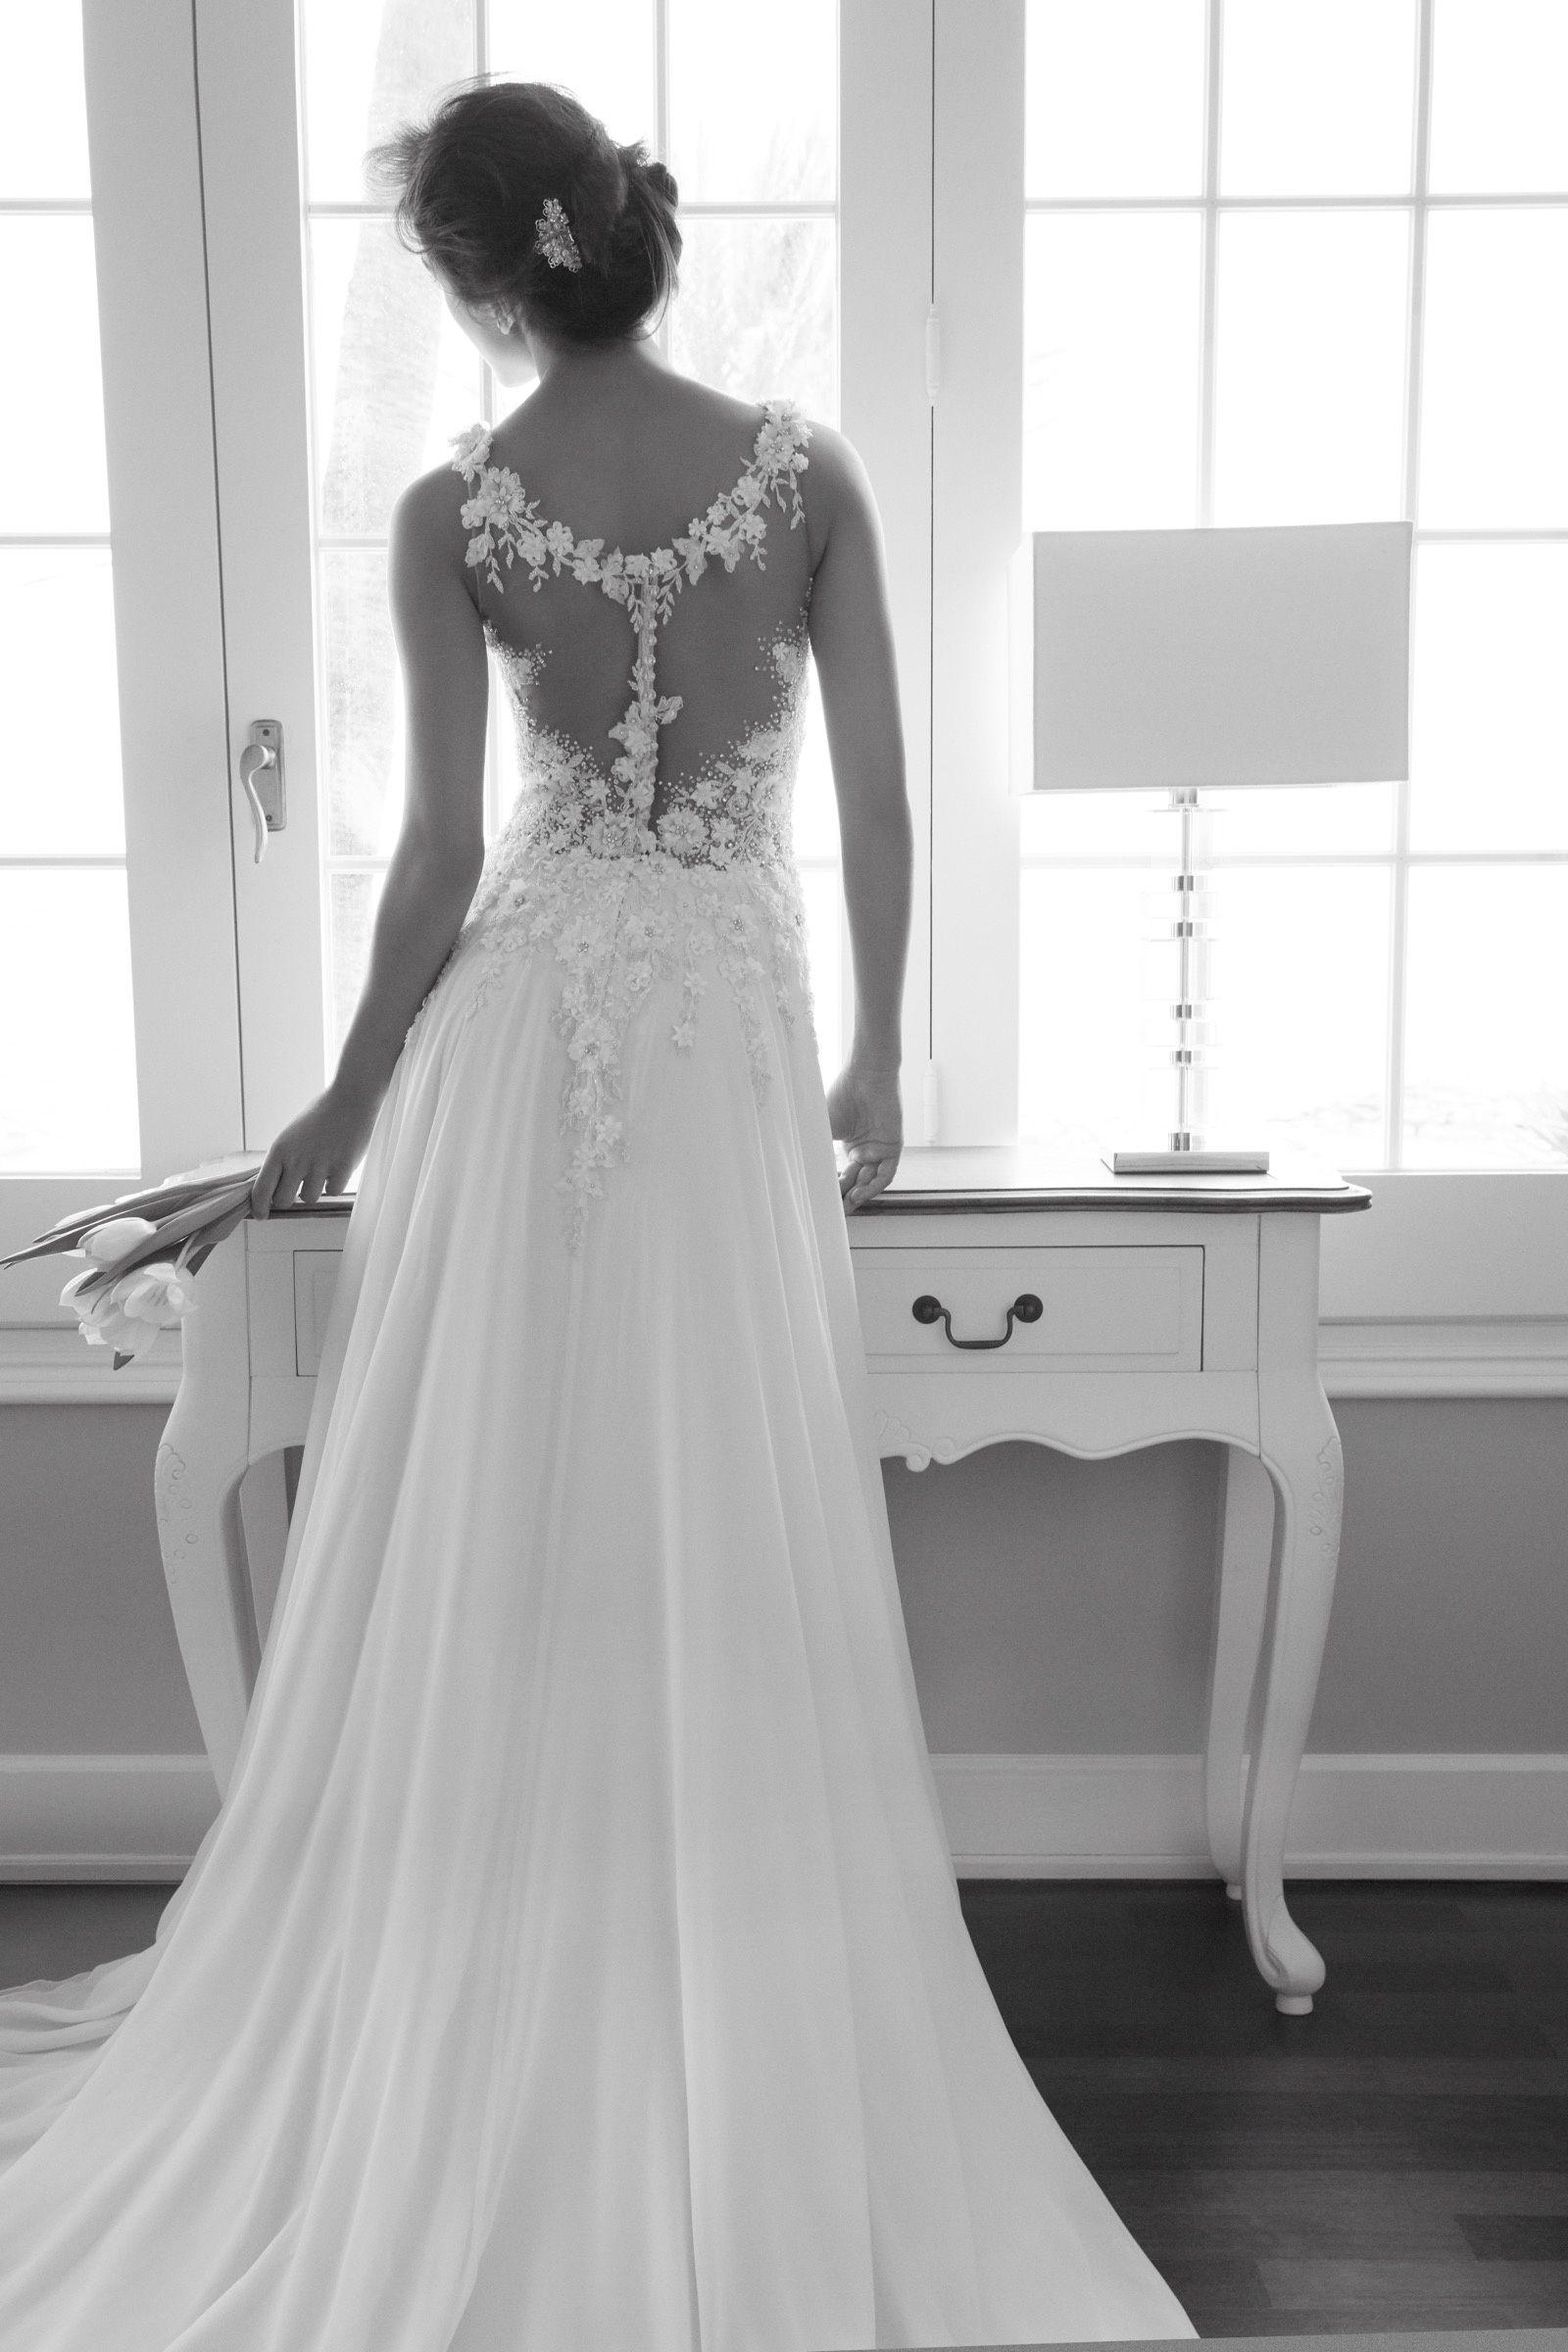 Moda sposa 2018 - Collezione ALESSANDRARINAUDO. LIZZY 070ARAB18642 ...